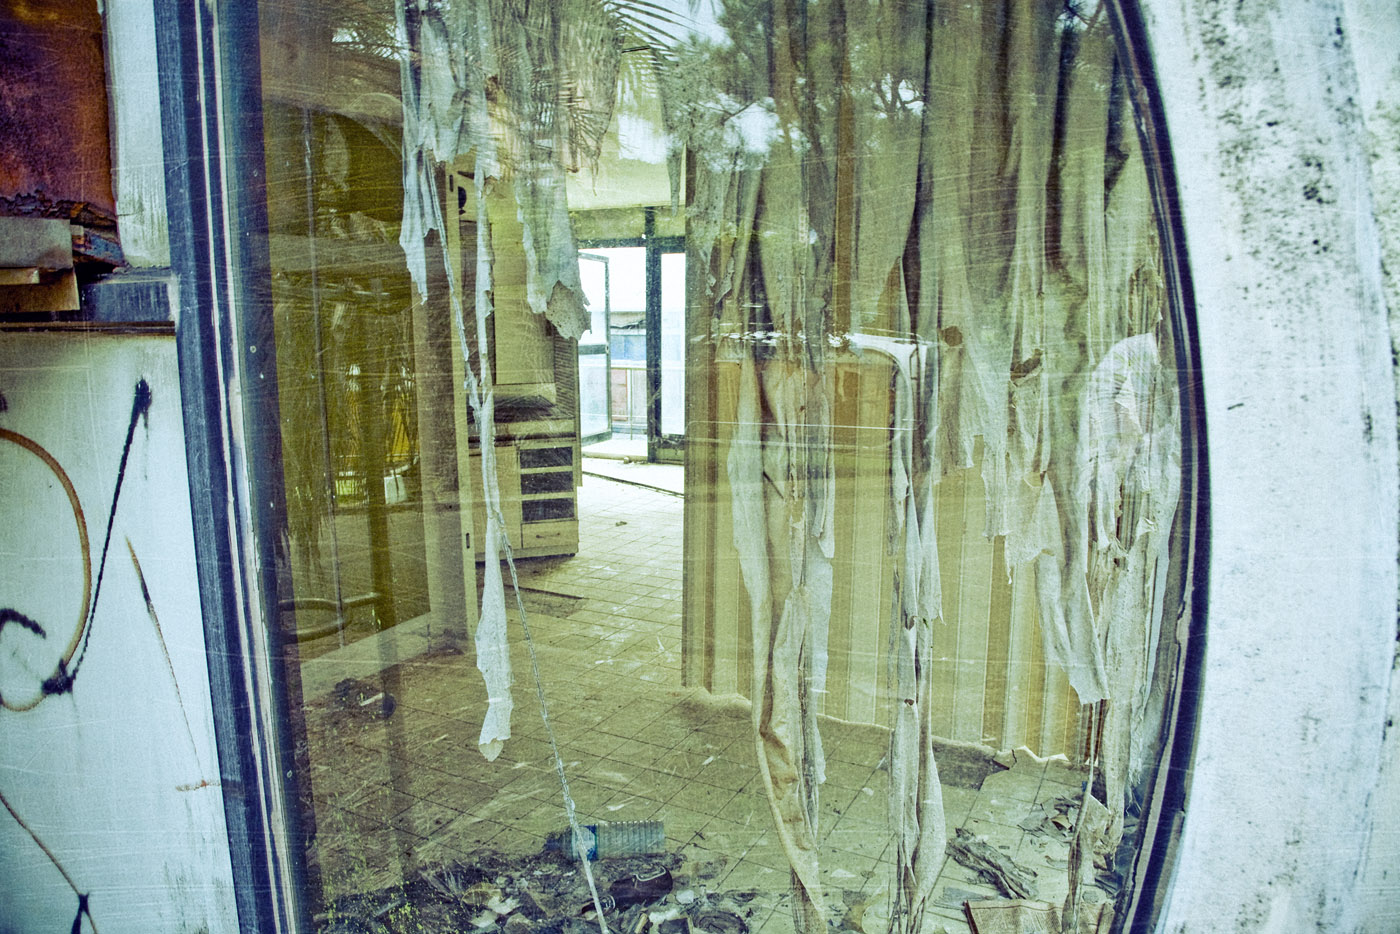 Venturo house inner view. Author: Philipp Chistyakov Photography